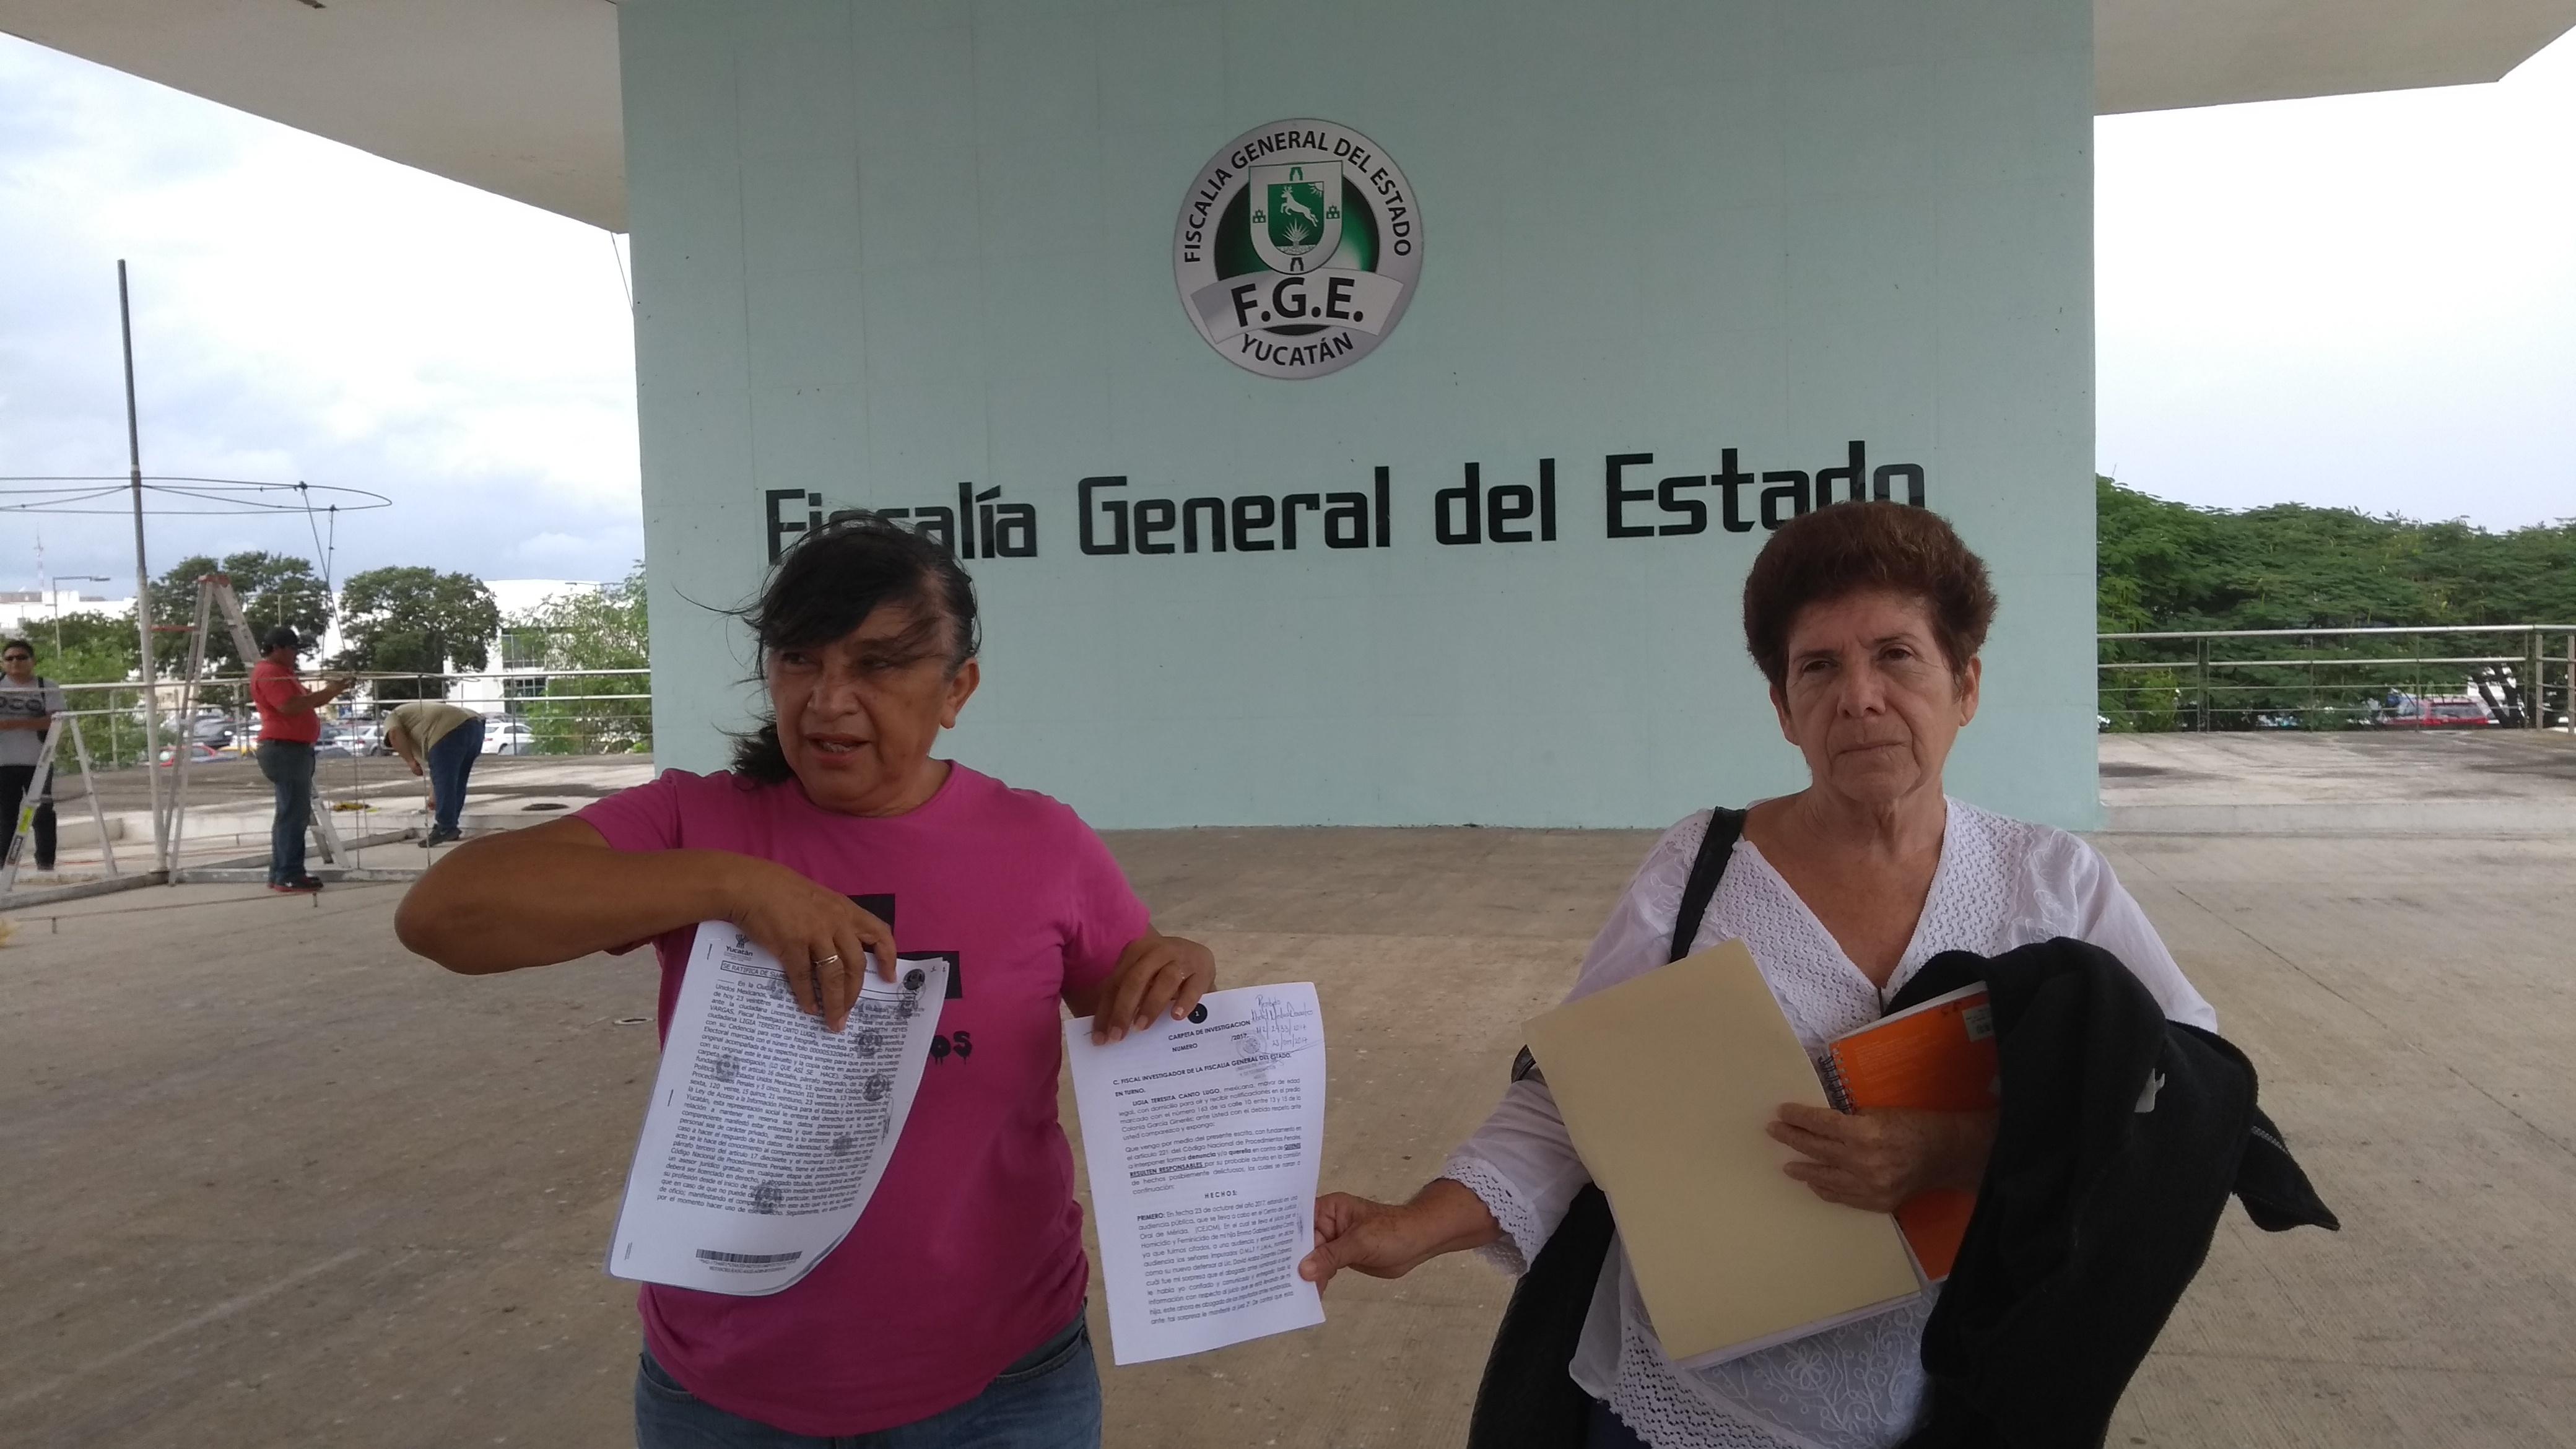 Luchaba por justicia para Emma Gabriela, ahora defiende a los asesinos